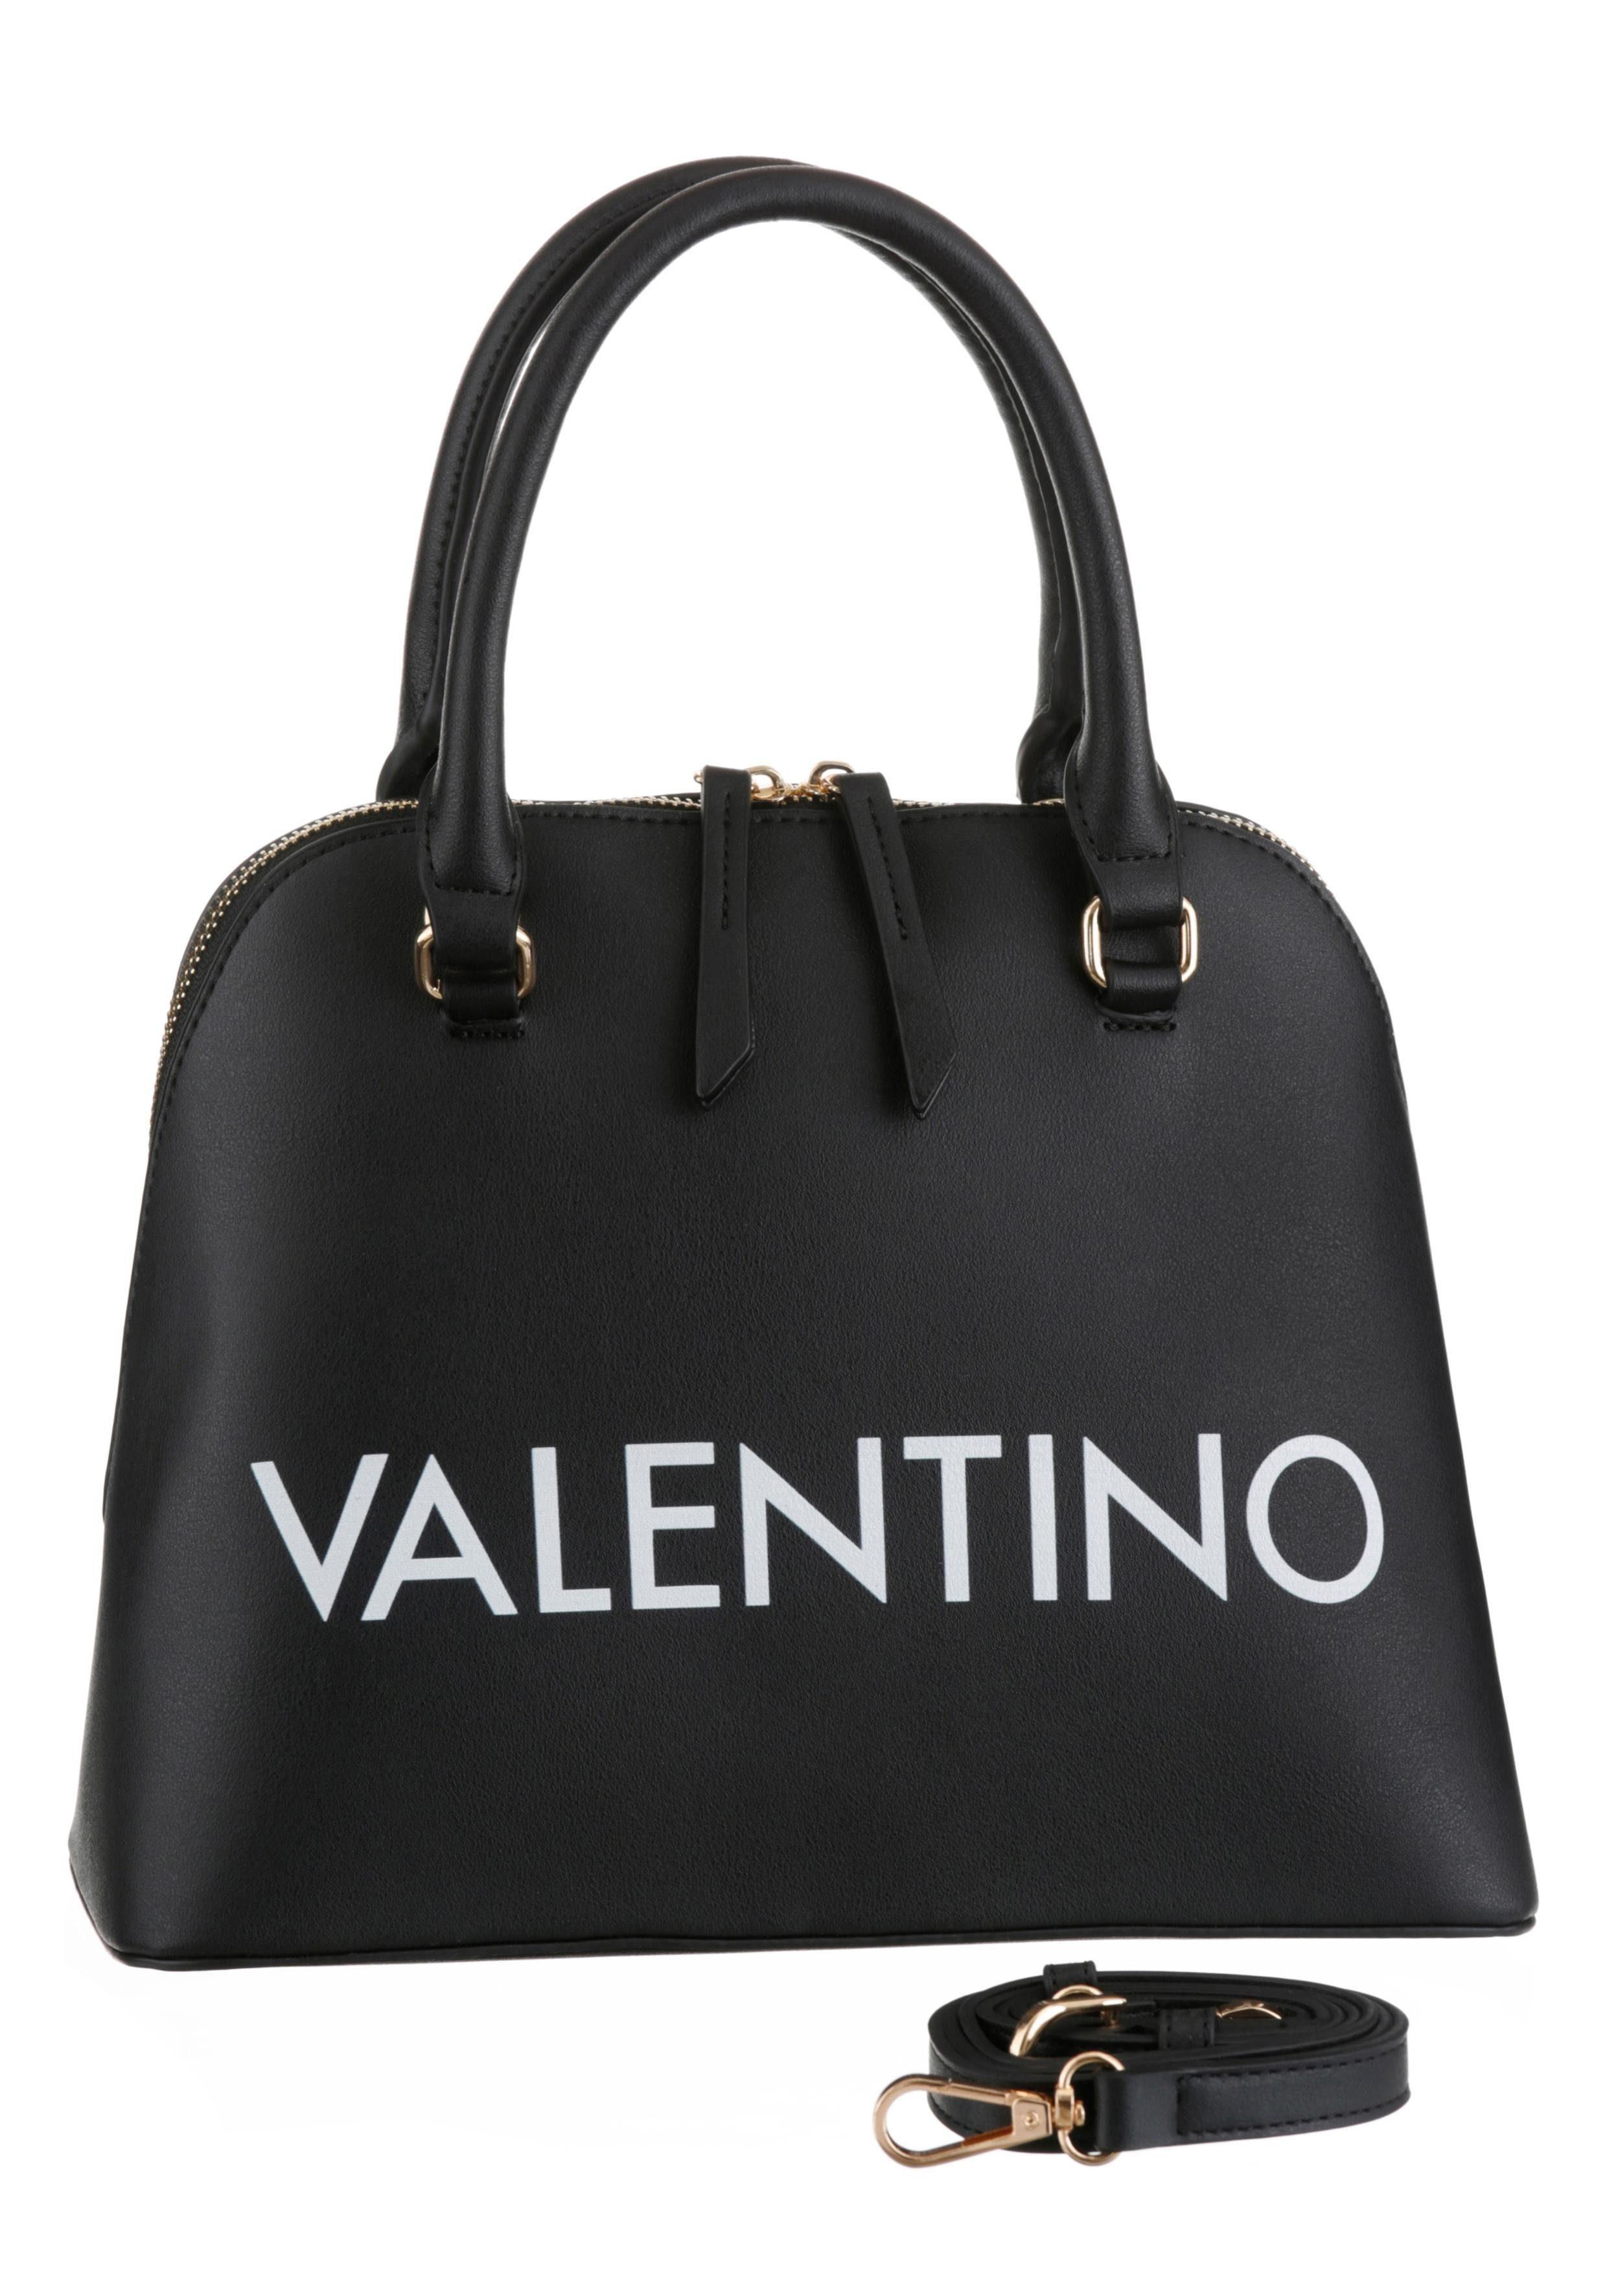 Valentino handbags Henkeltasche »MASHA«, mit goldfarbenen Details